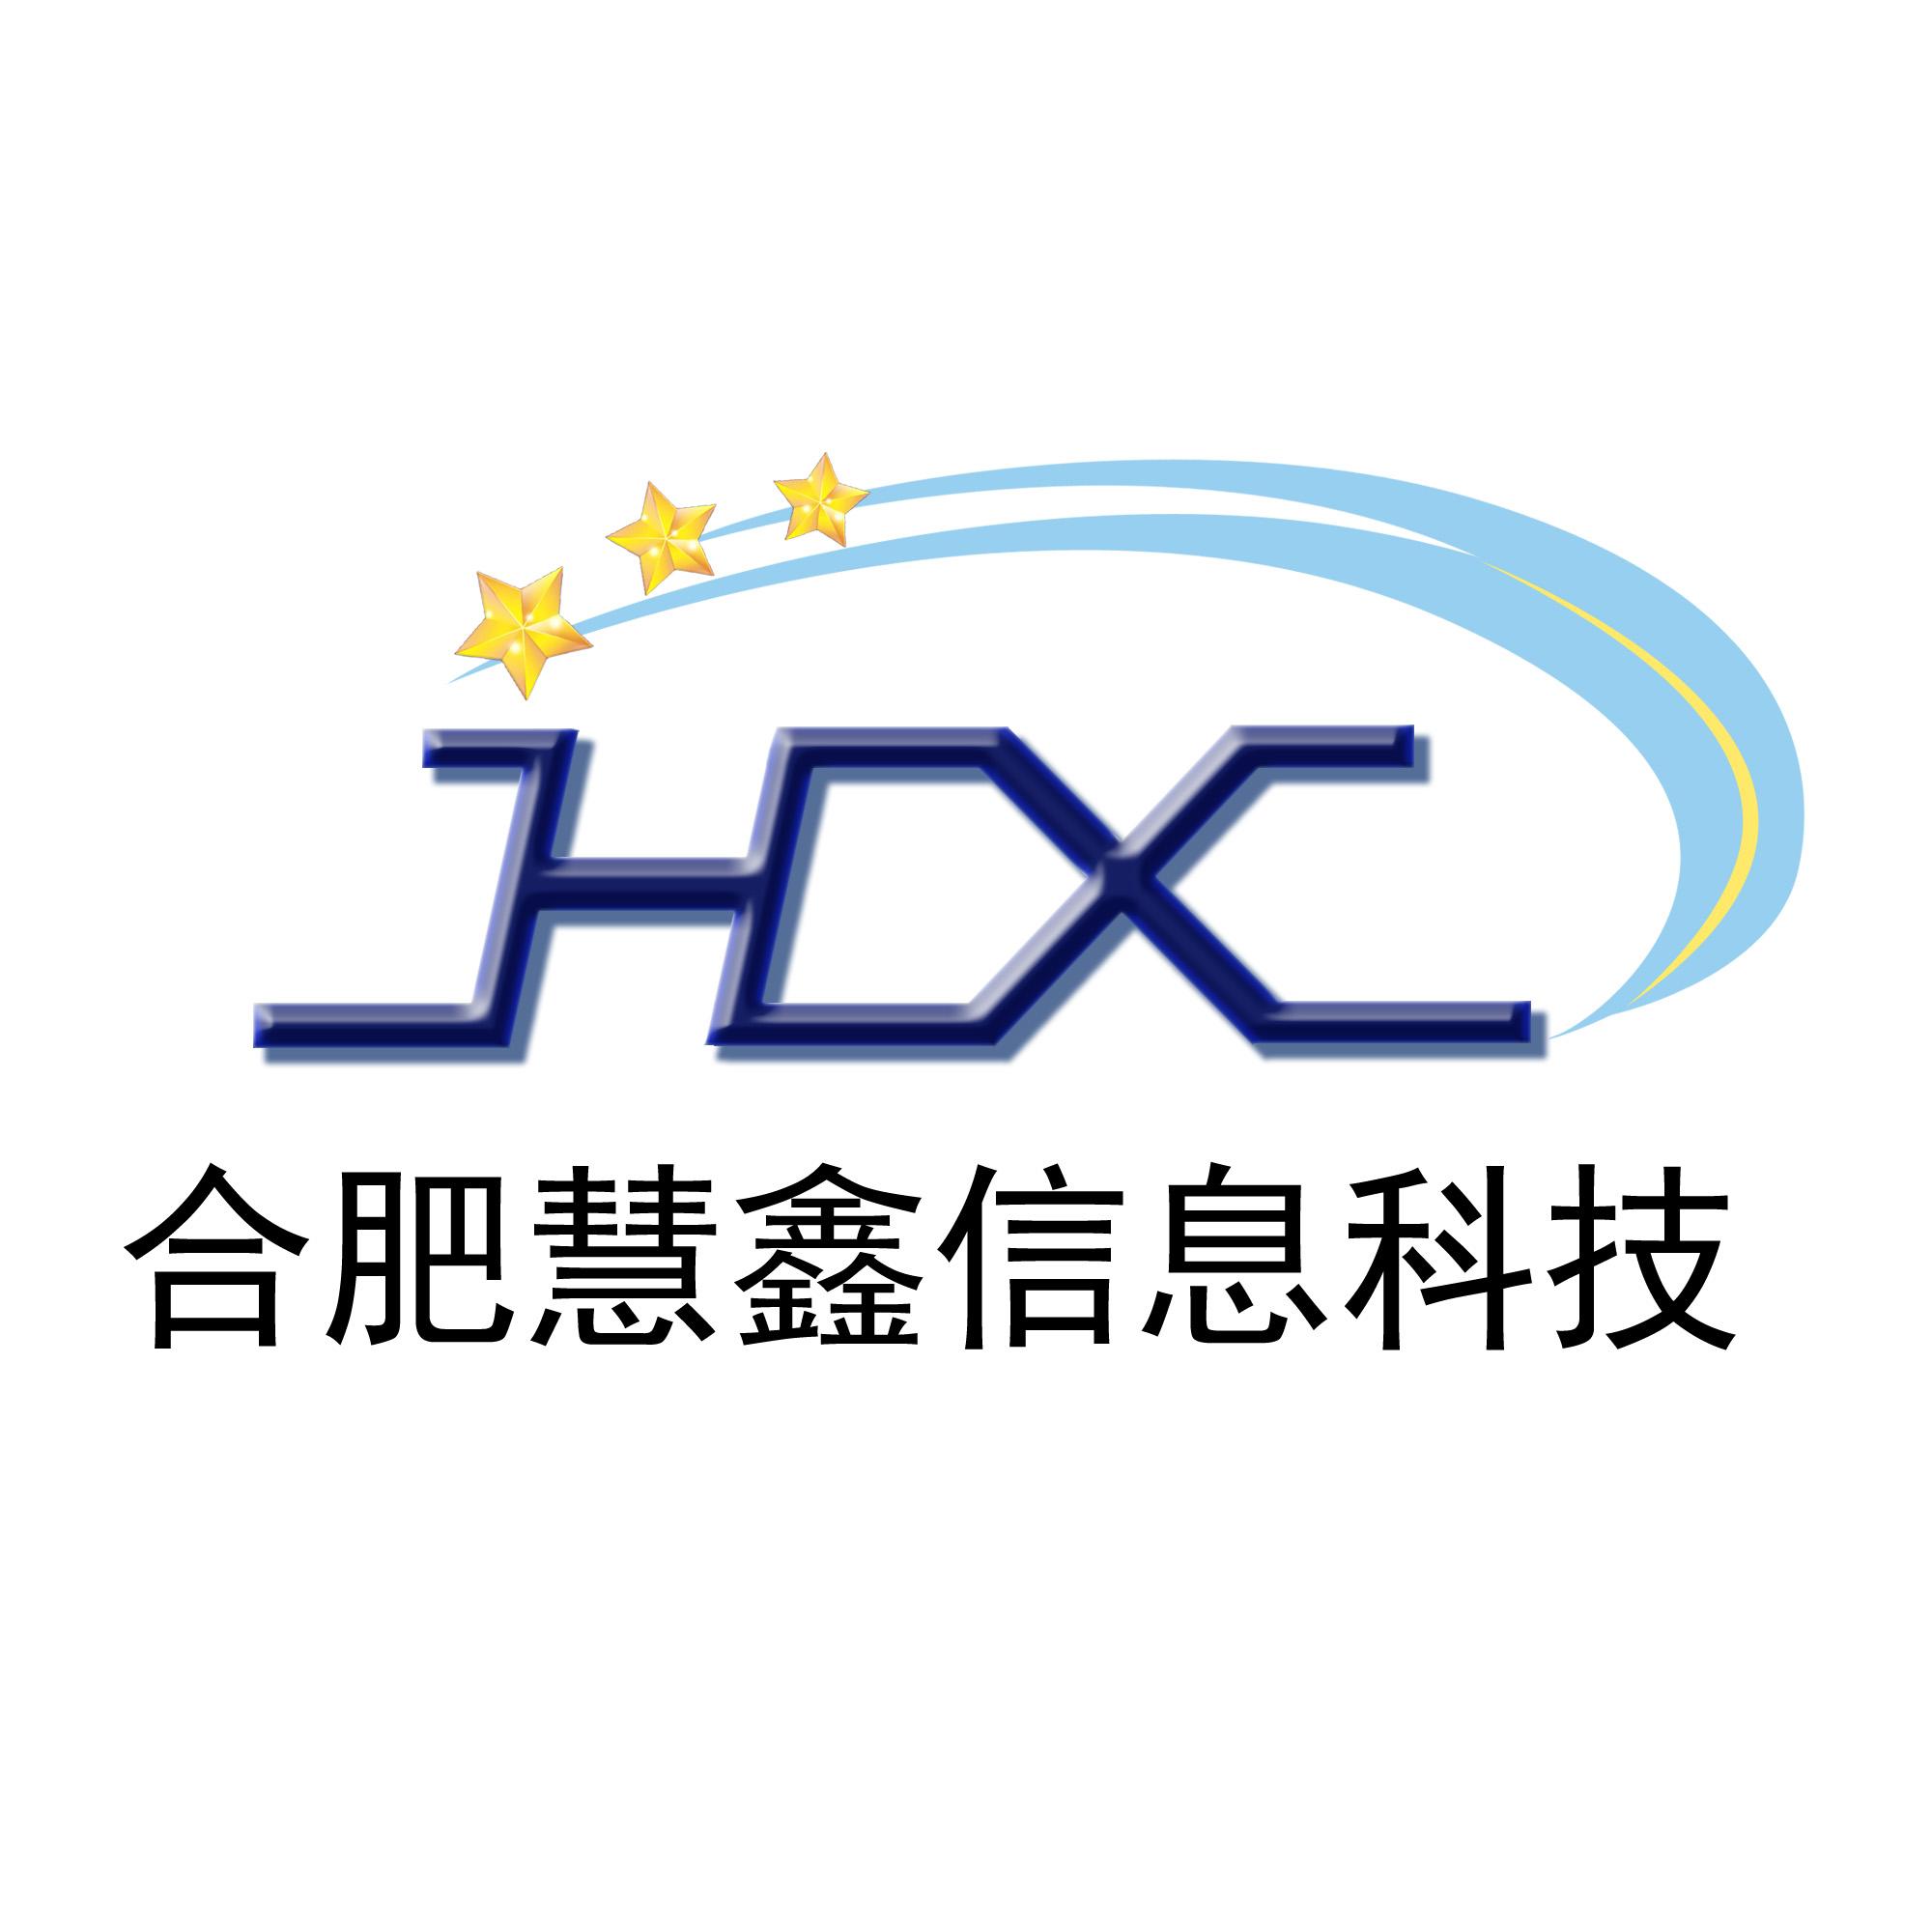 合肥慧鑫信息科技有限公司